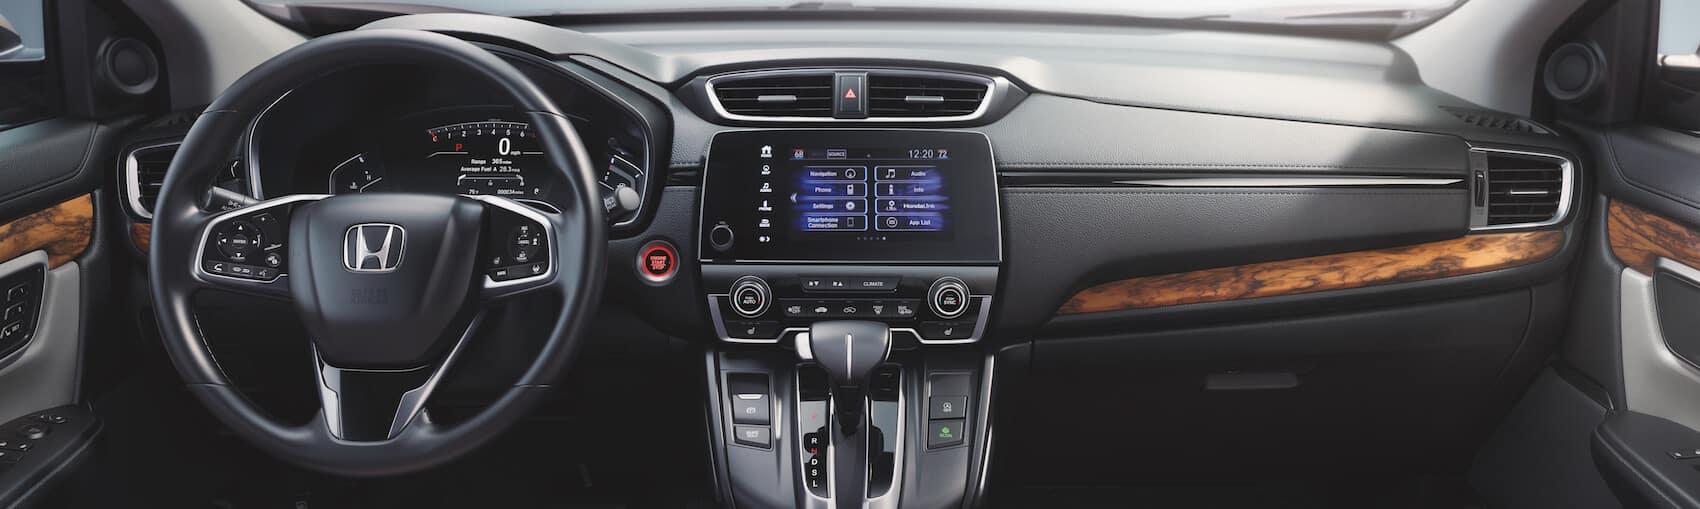 2020 Honda CR-V interior Irvine, CA